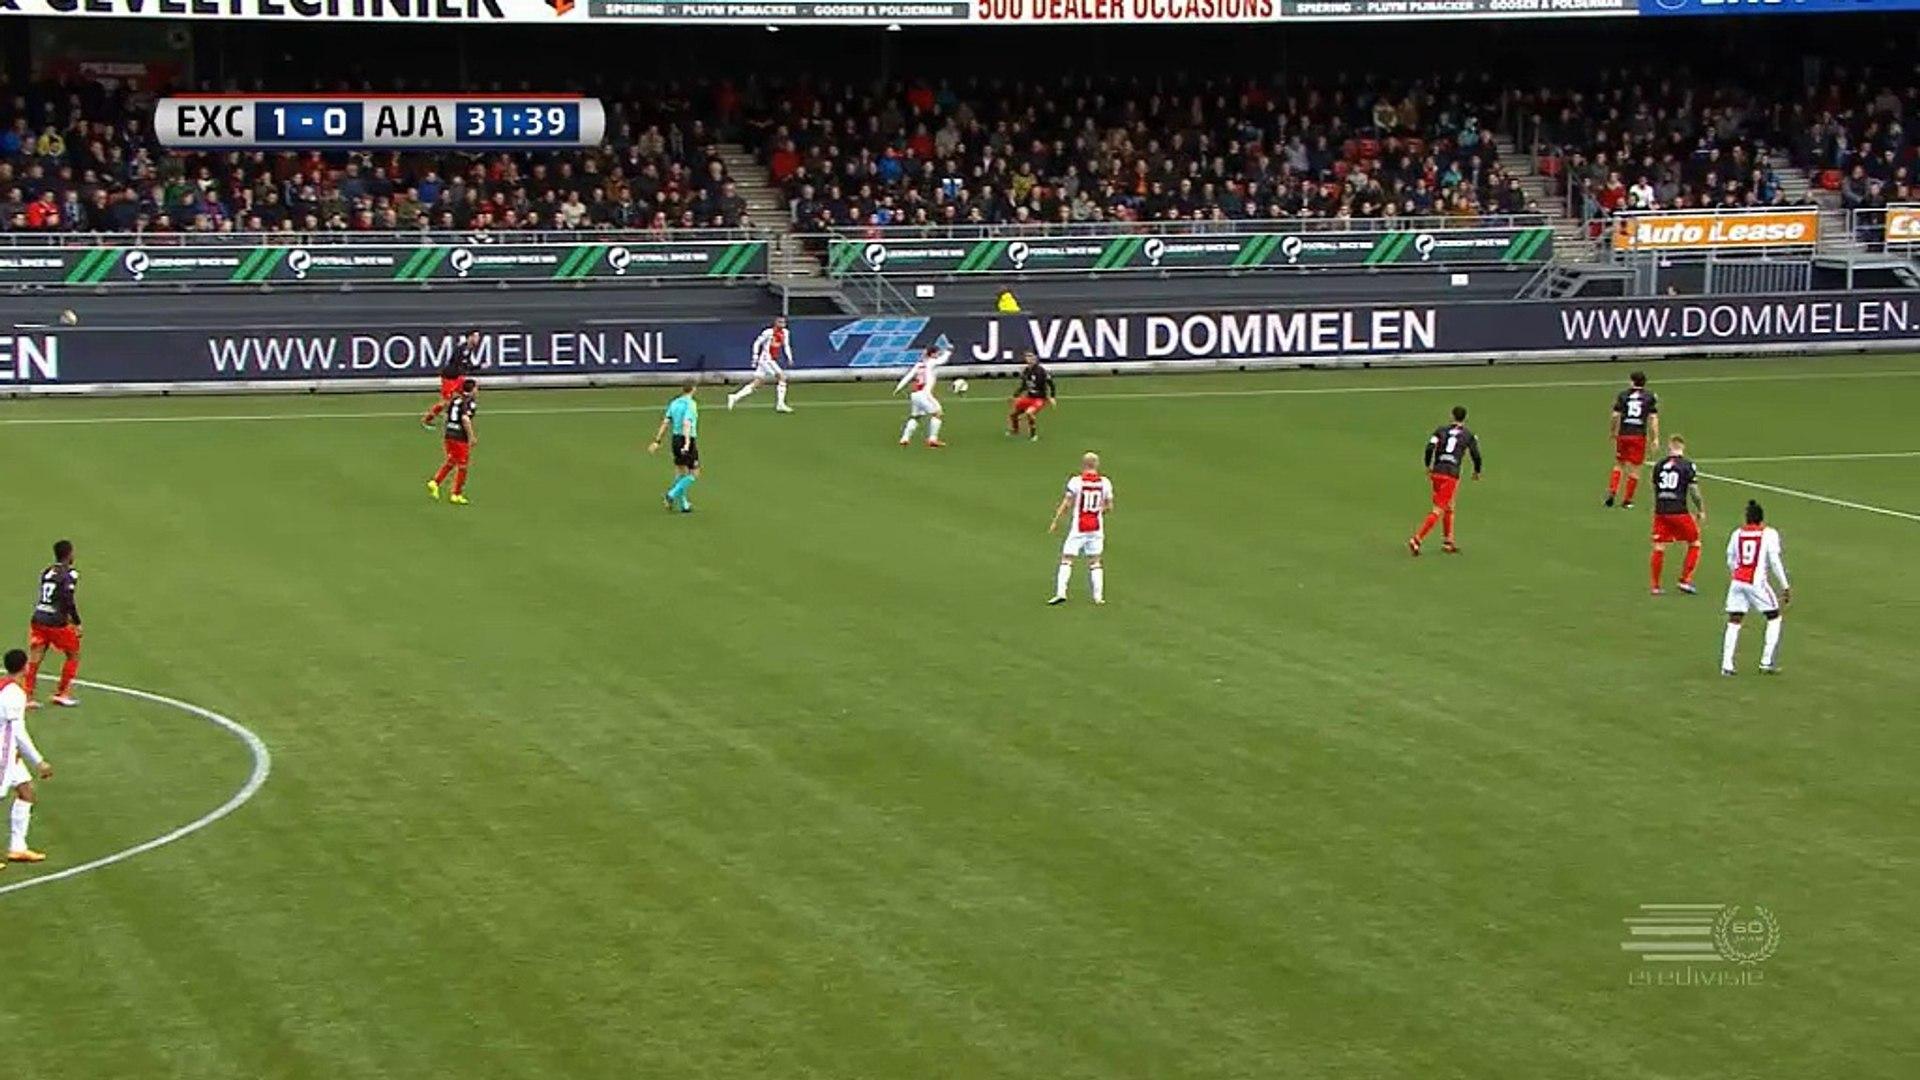 Eredivisie - Le fils de Kluivert marque pour l'Ajax